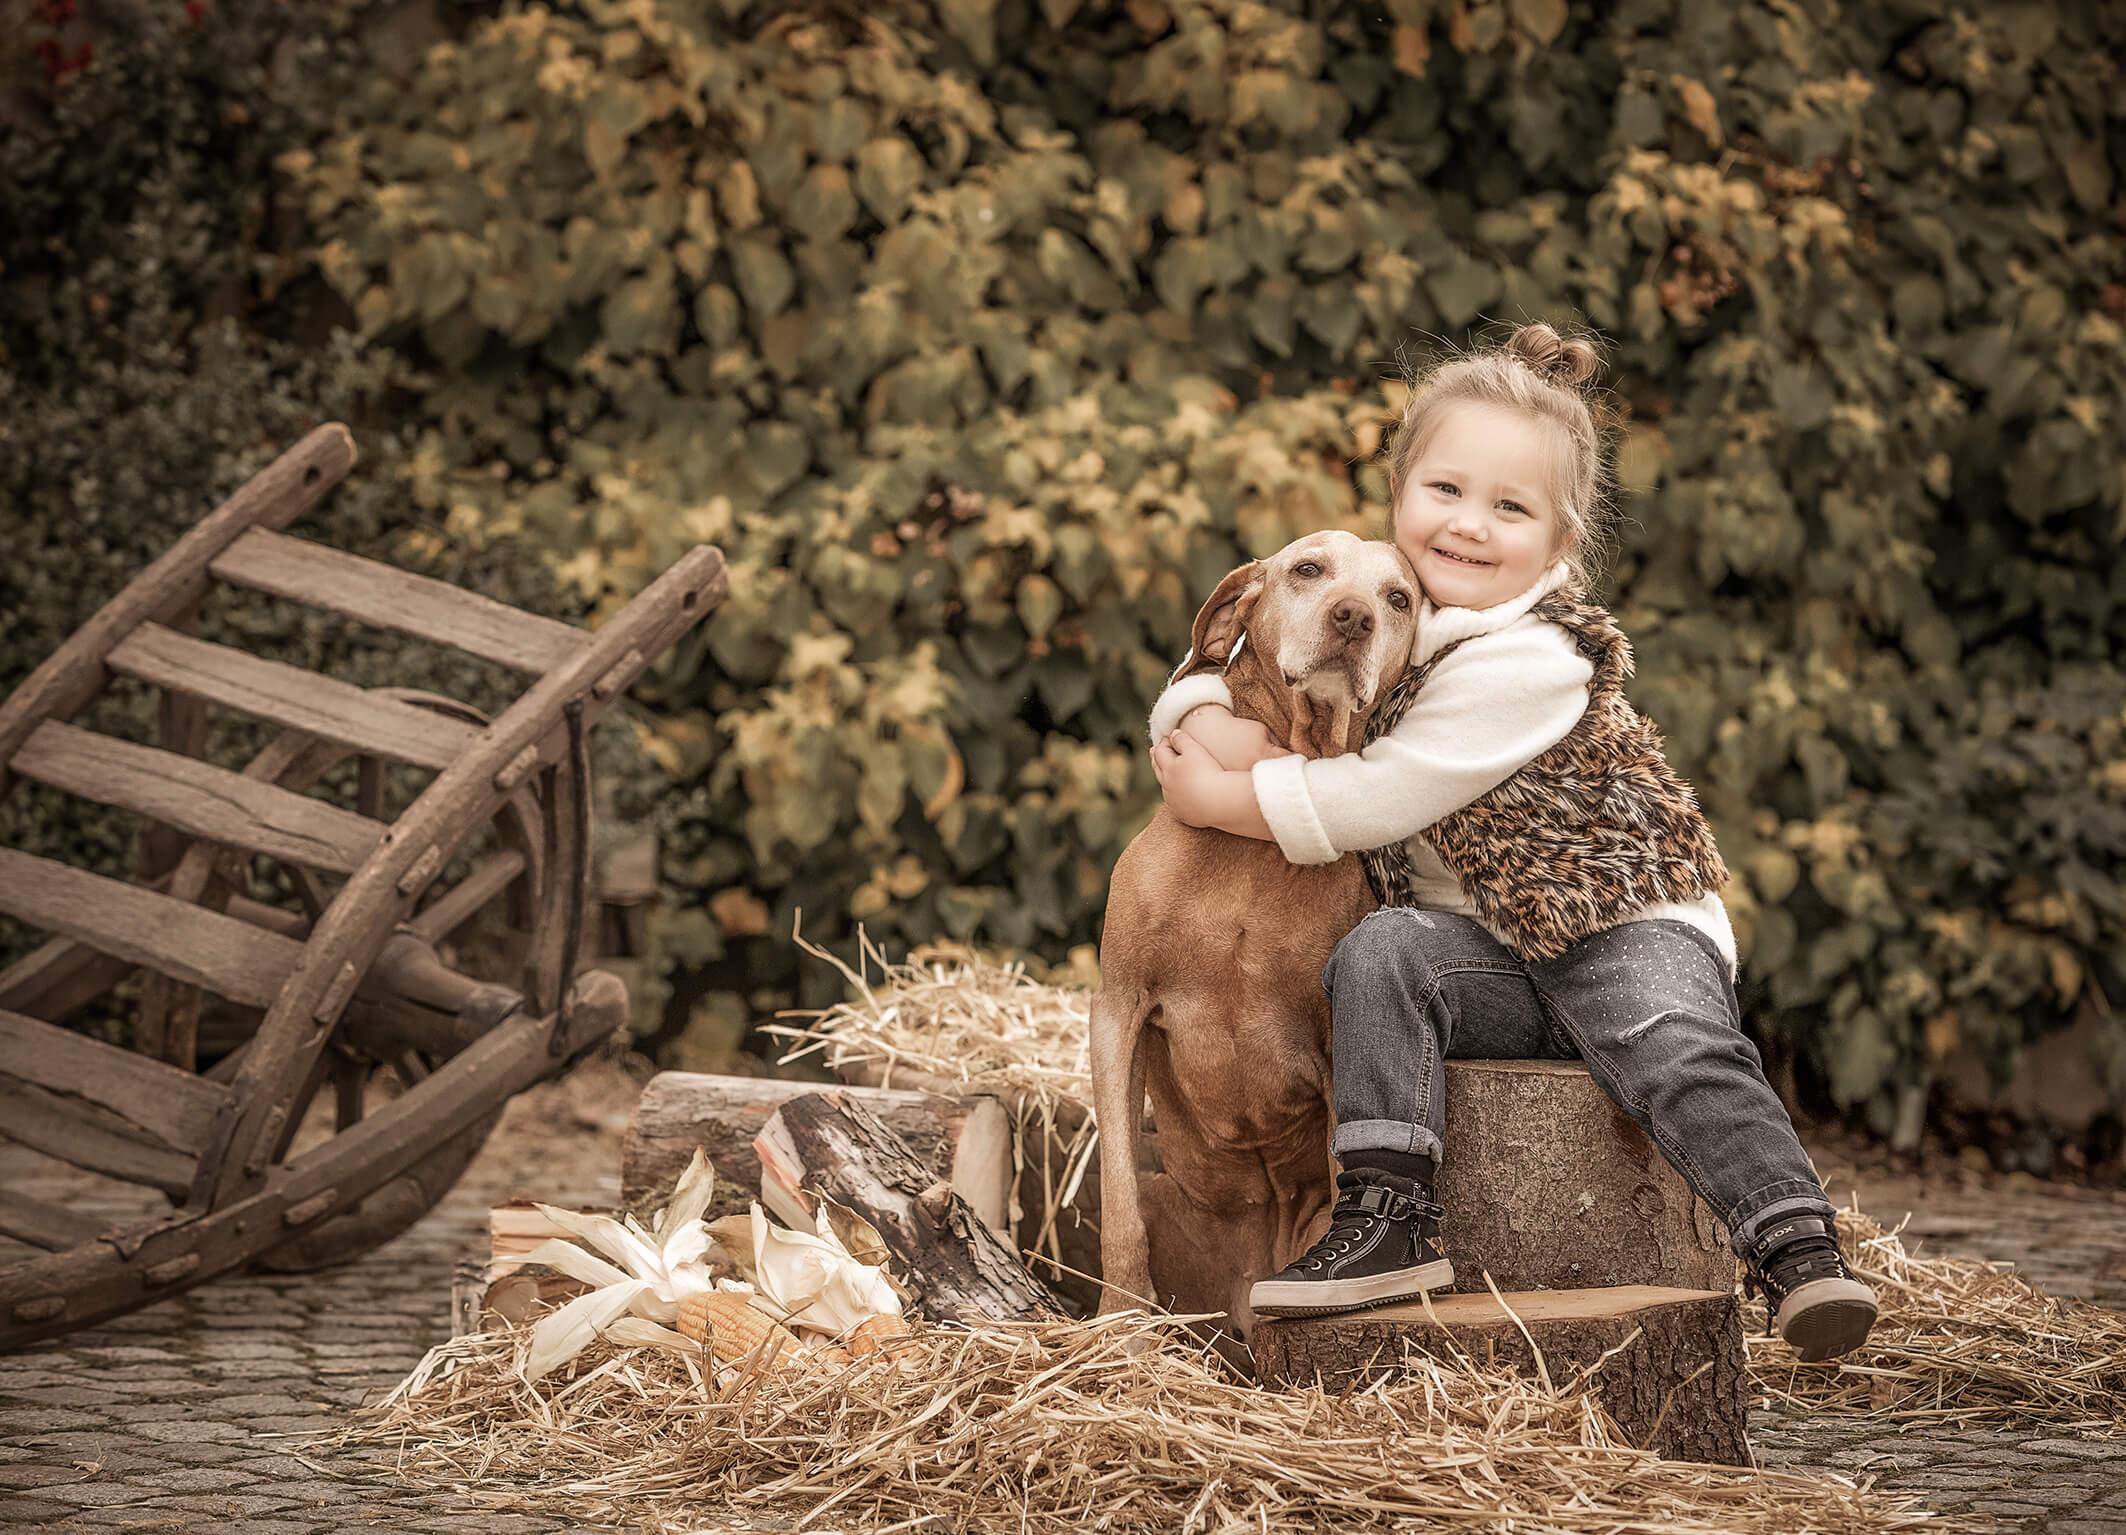 Fotoshooting auf dem Bauernhof